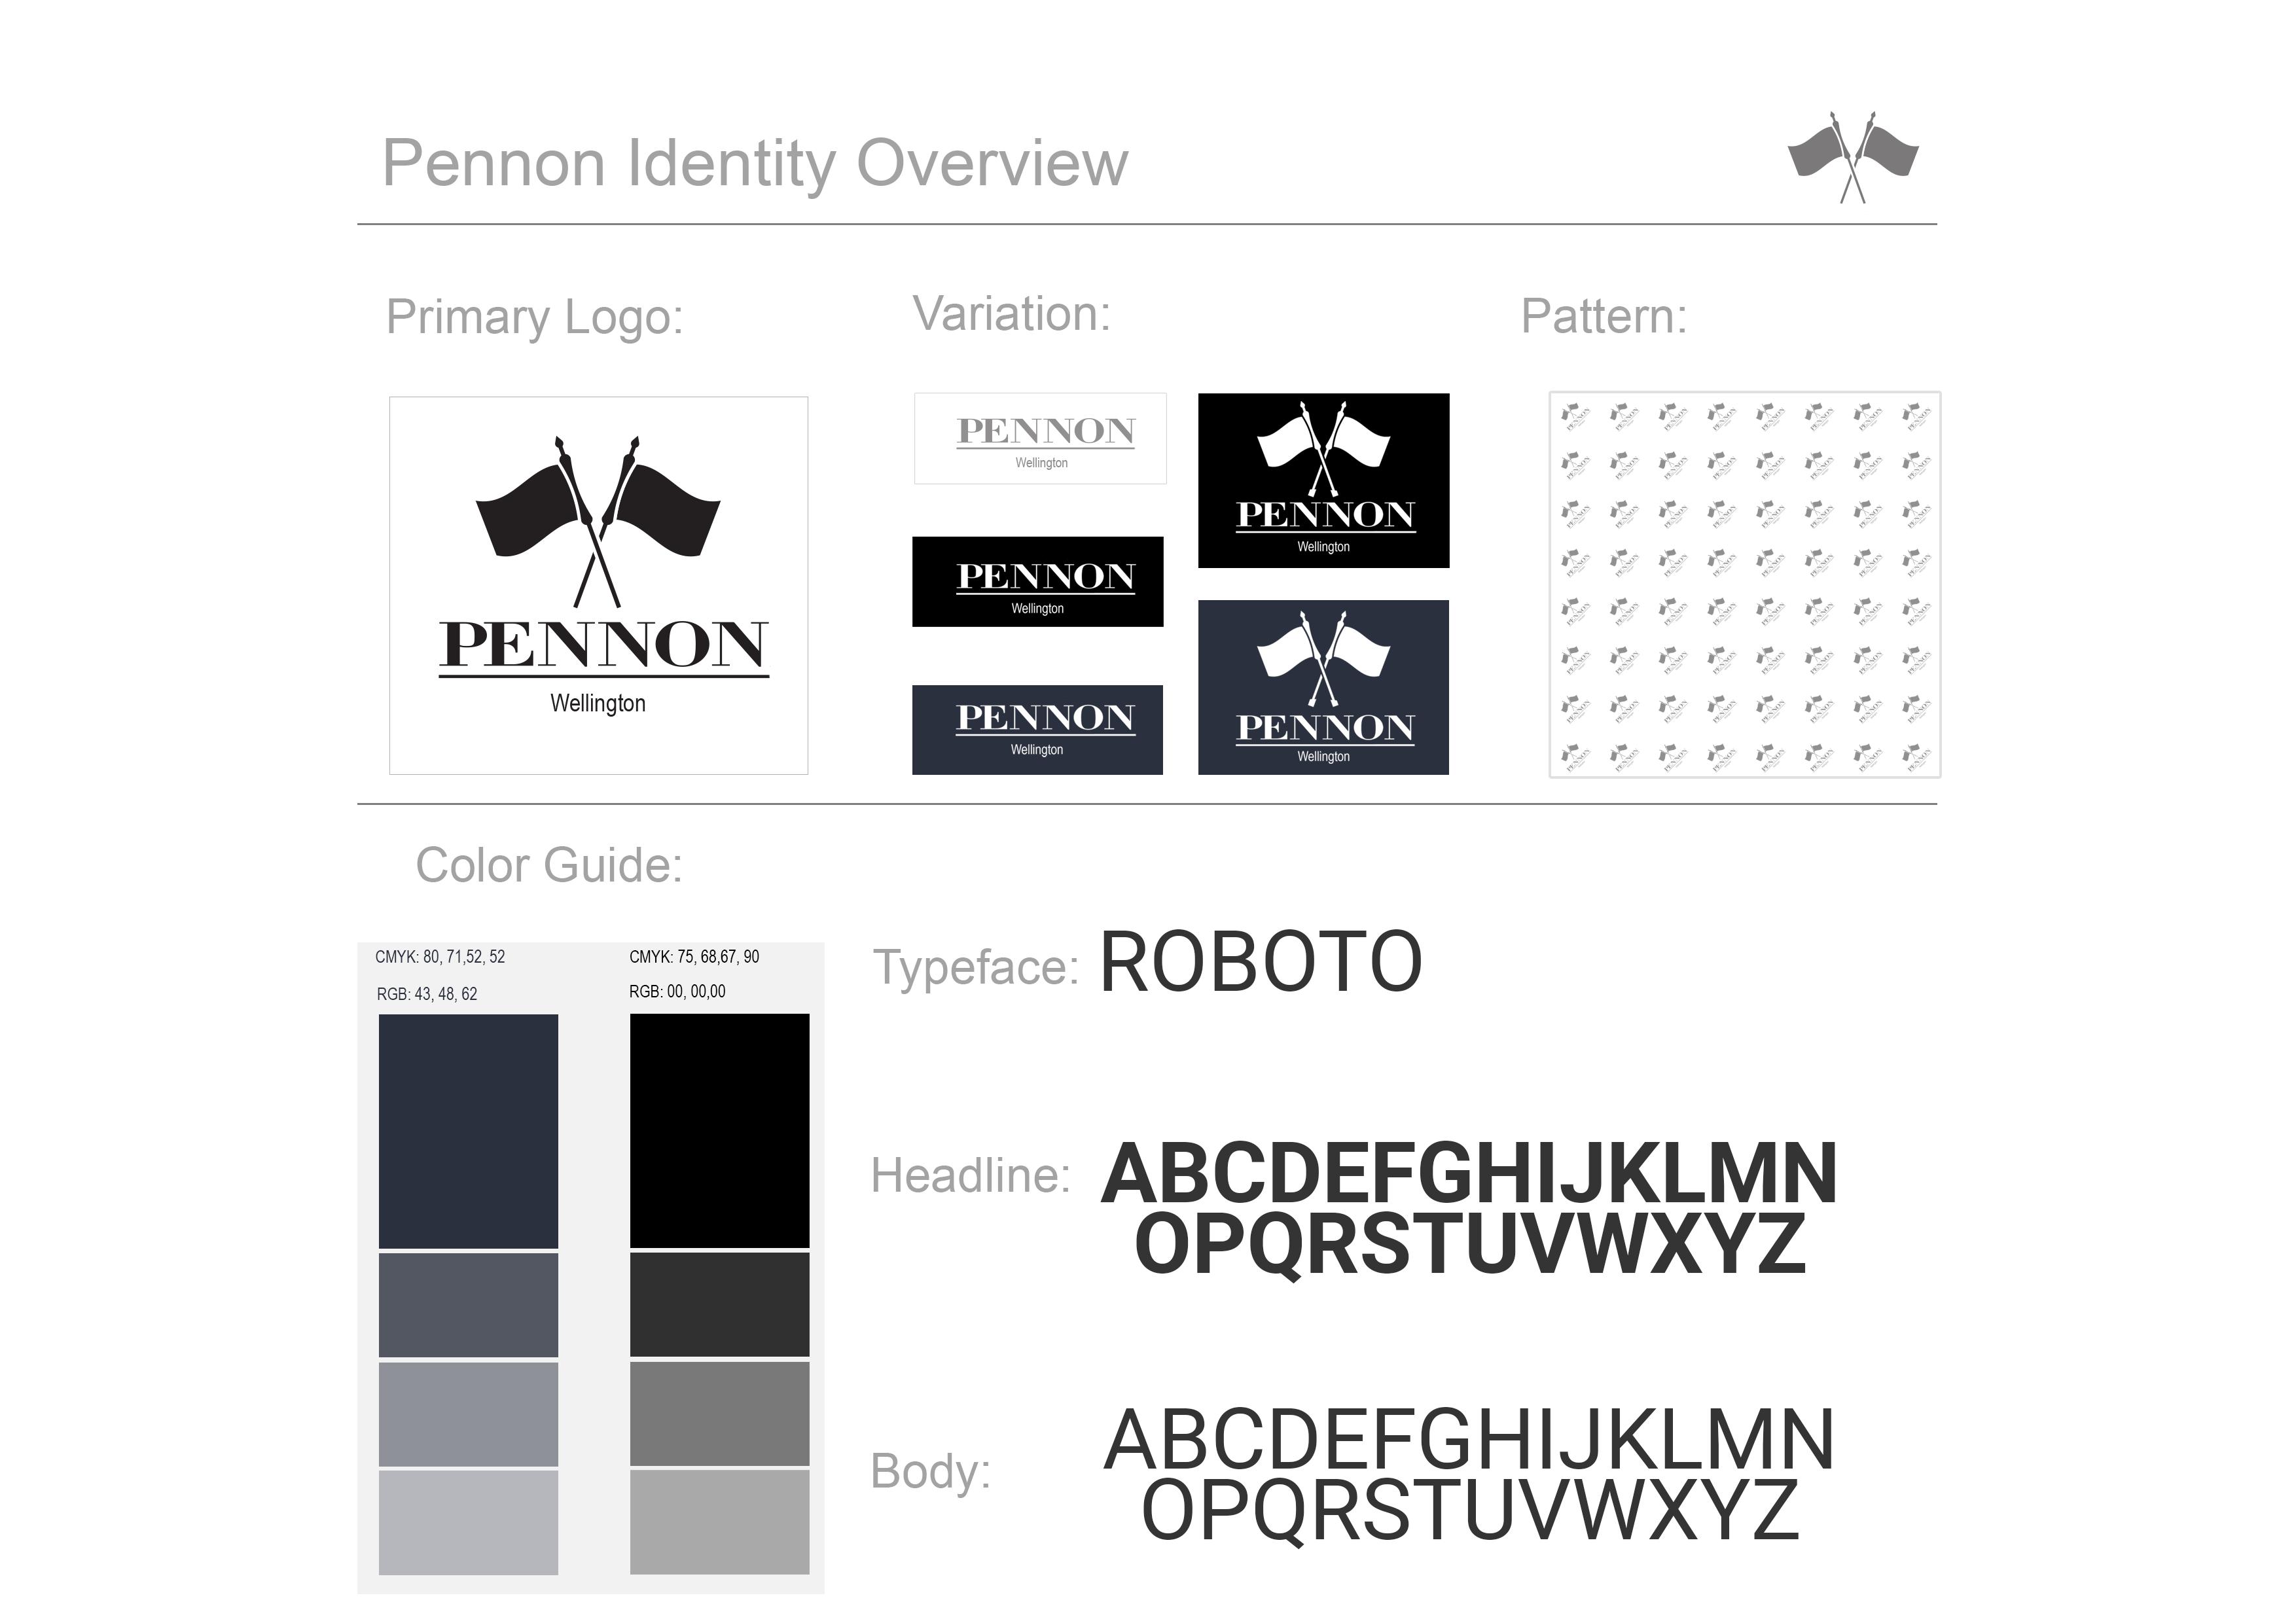 Pennon branding guideline